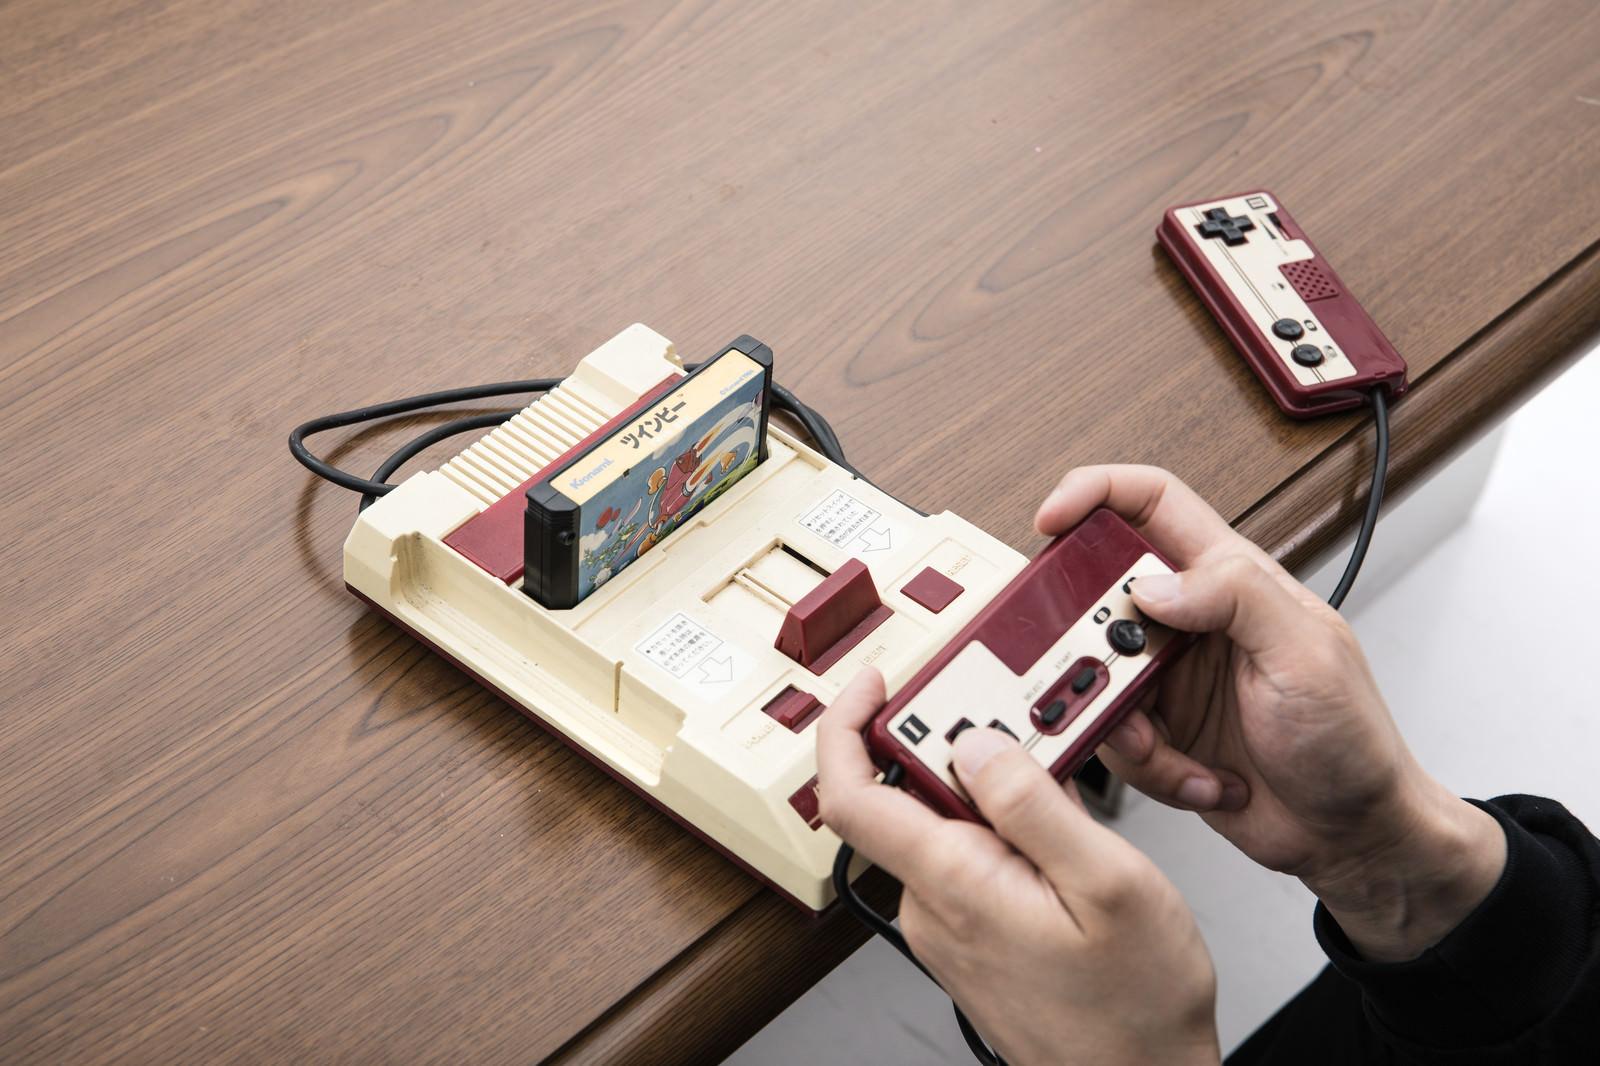 「テレビゲームで遊ぶ大人たち」の写真[モデル:大川竜弥]